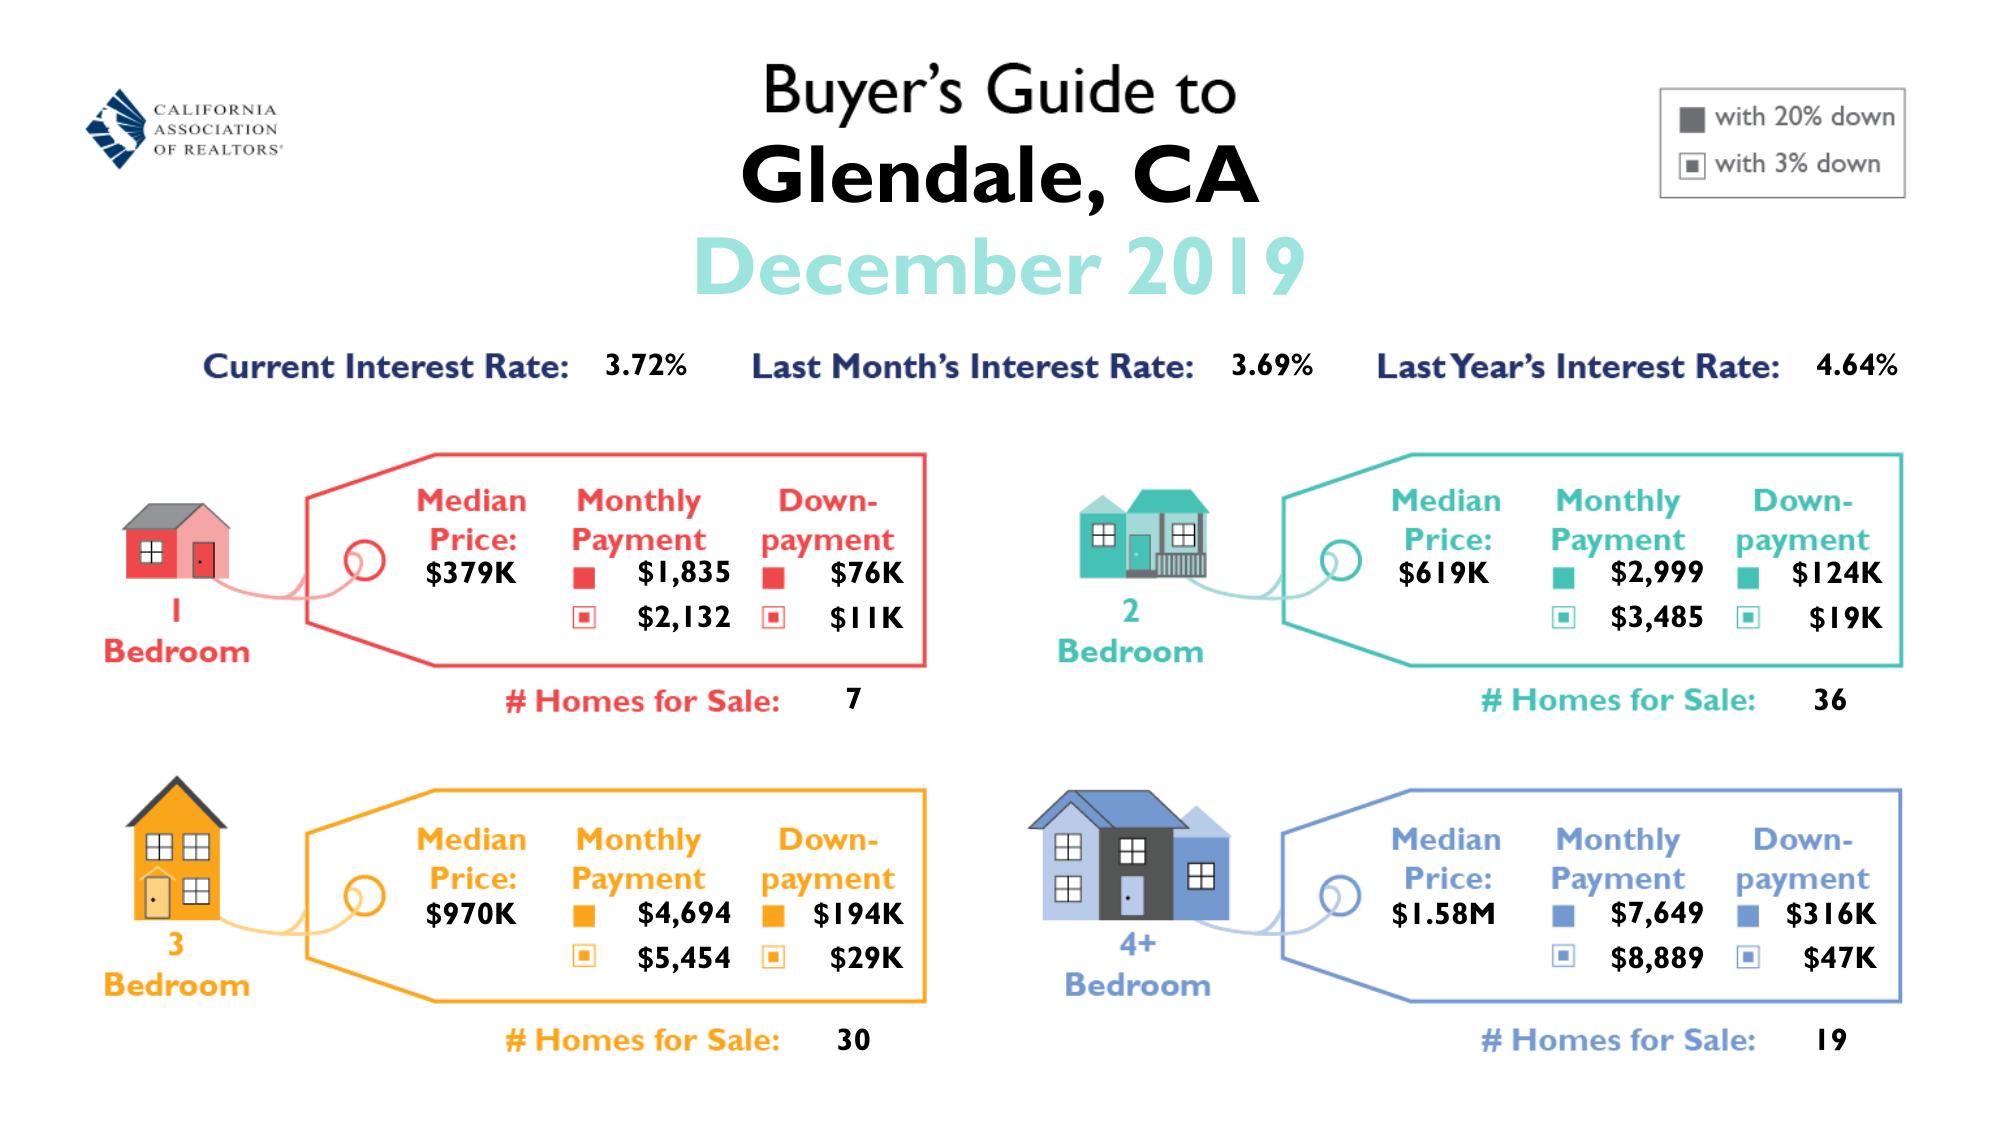 グレンデール市の価格状況